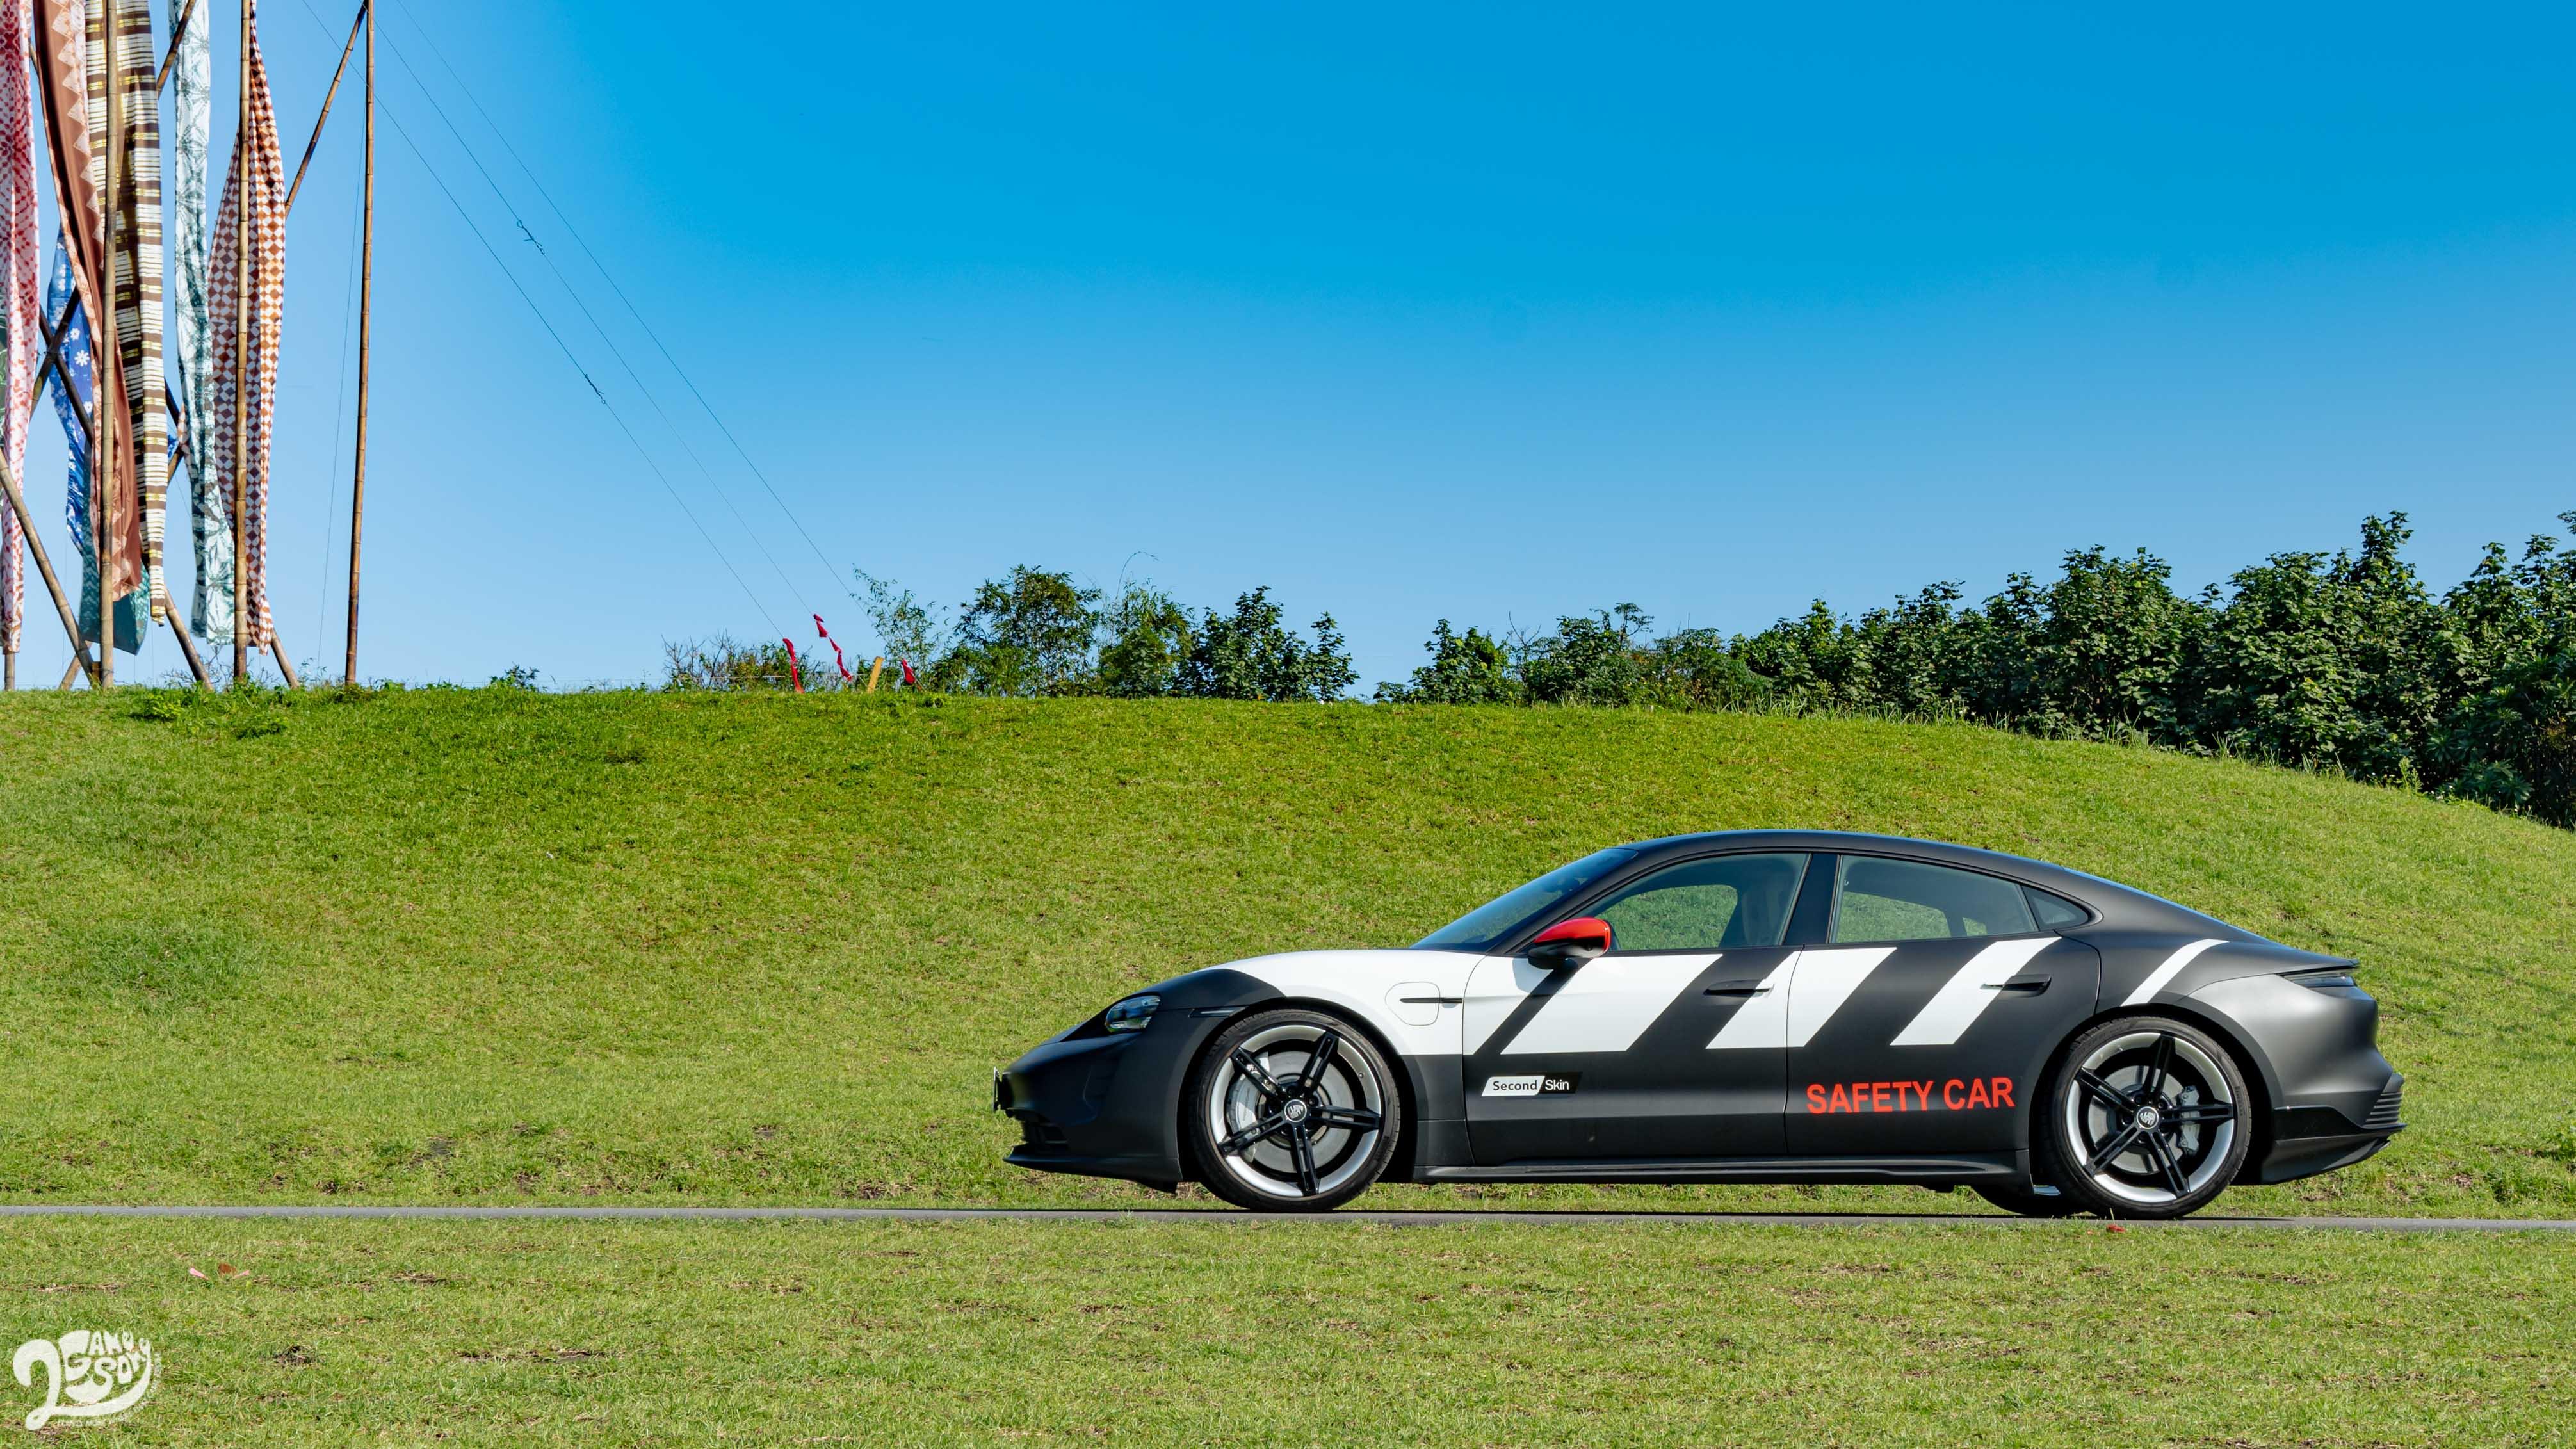 系出同平台的 Porsche Taycan。